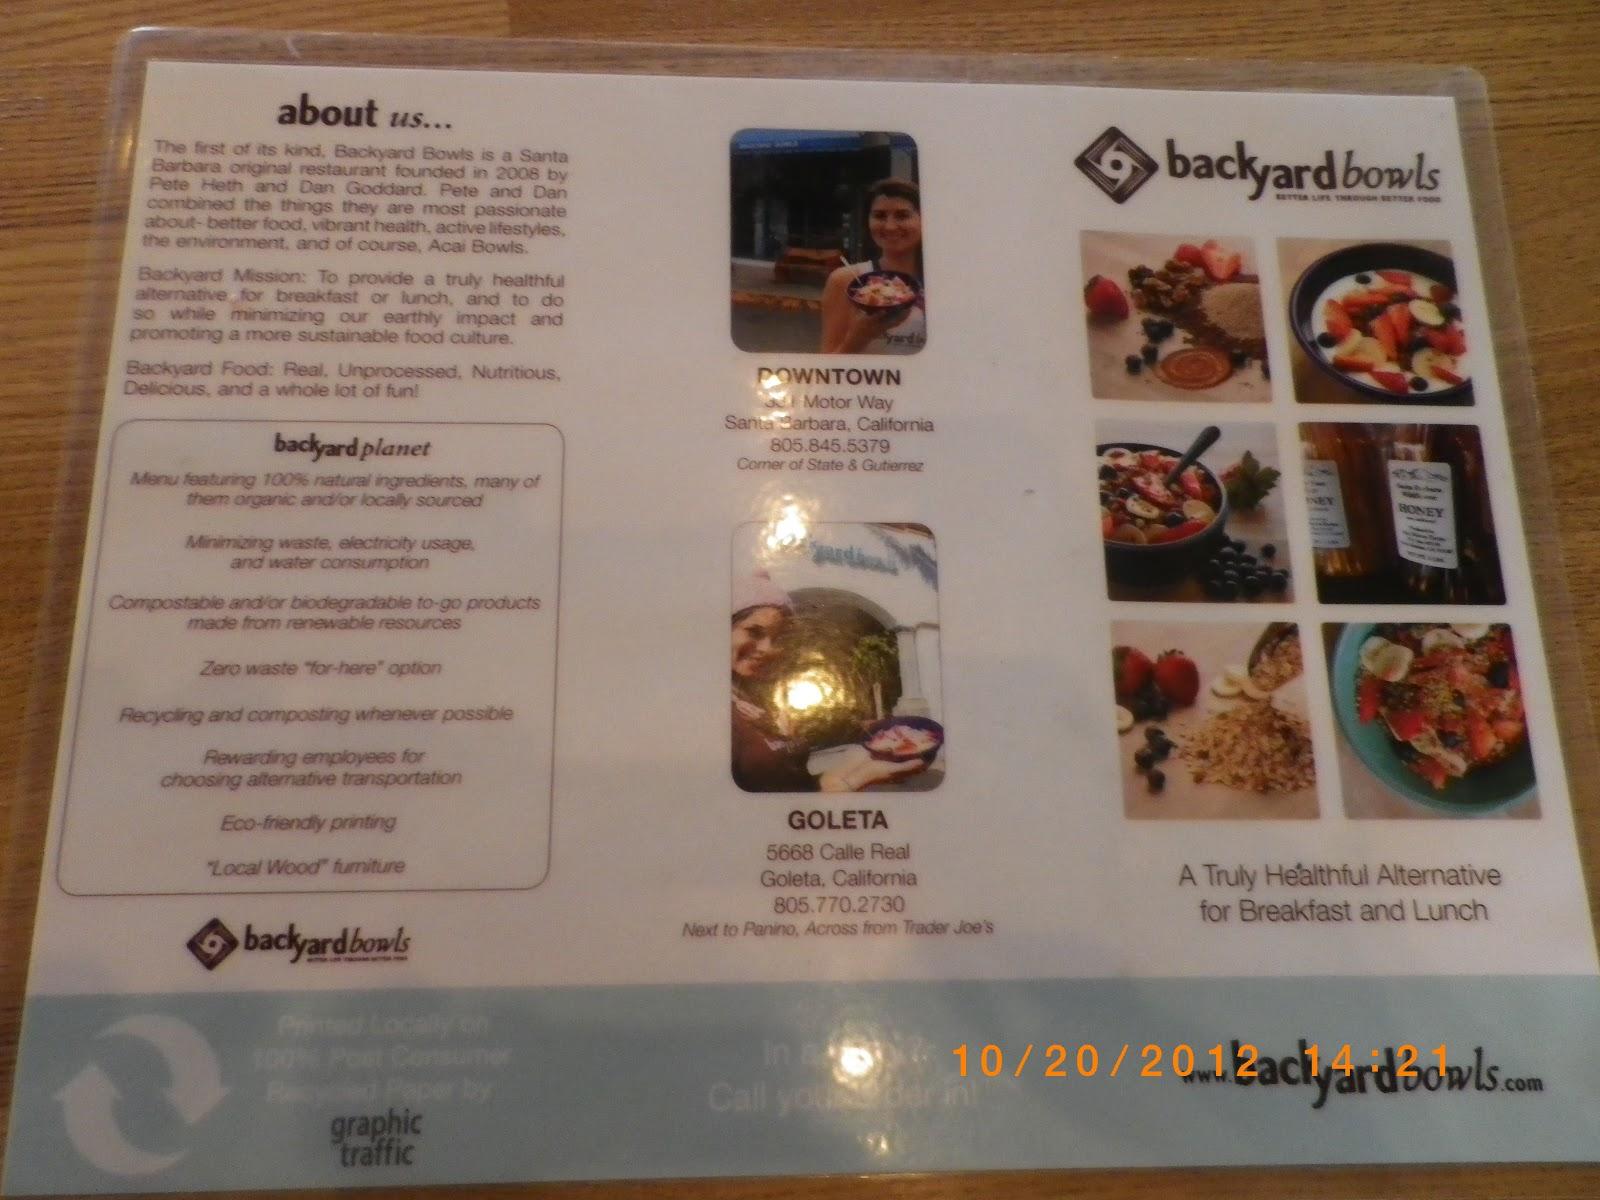 Backyard Bowls Menu vc menu: backyard bowls - goleta